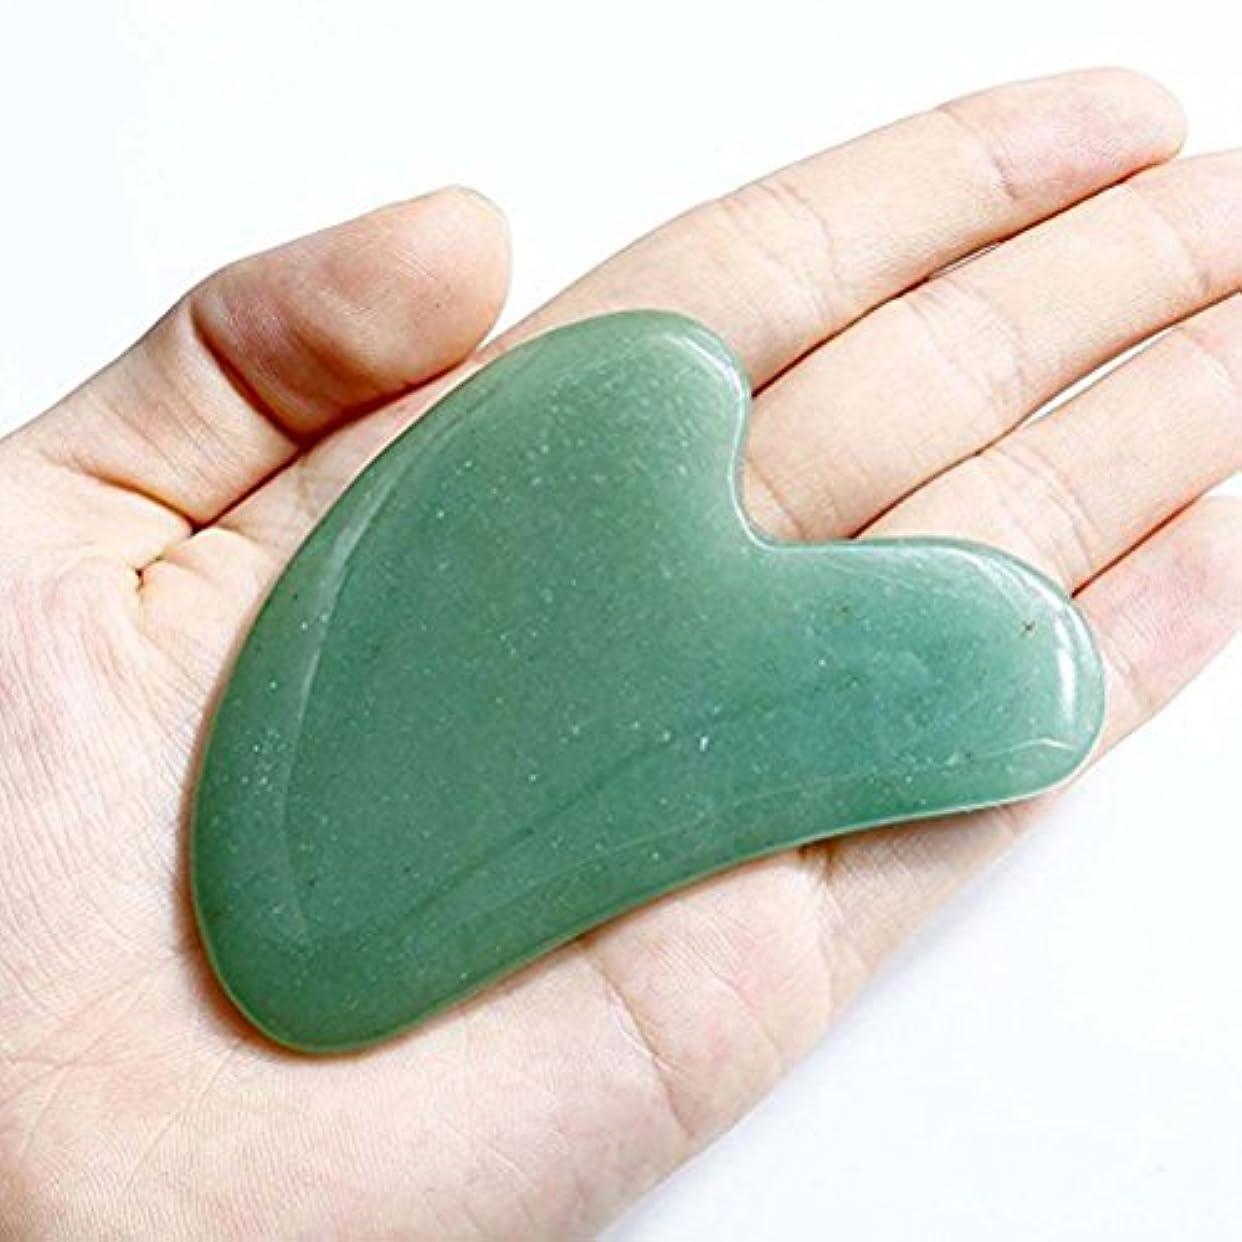 恵み揃える選出するEcho & Kern Face / Body Massage Green Aventurine heart shape ハート形状かっさプレート 天然石 翡翠色(顔?ボディのリンパマッサージ) (かっさプレートH)